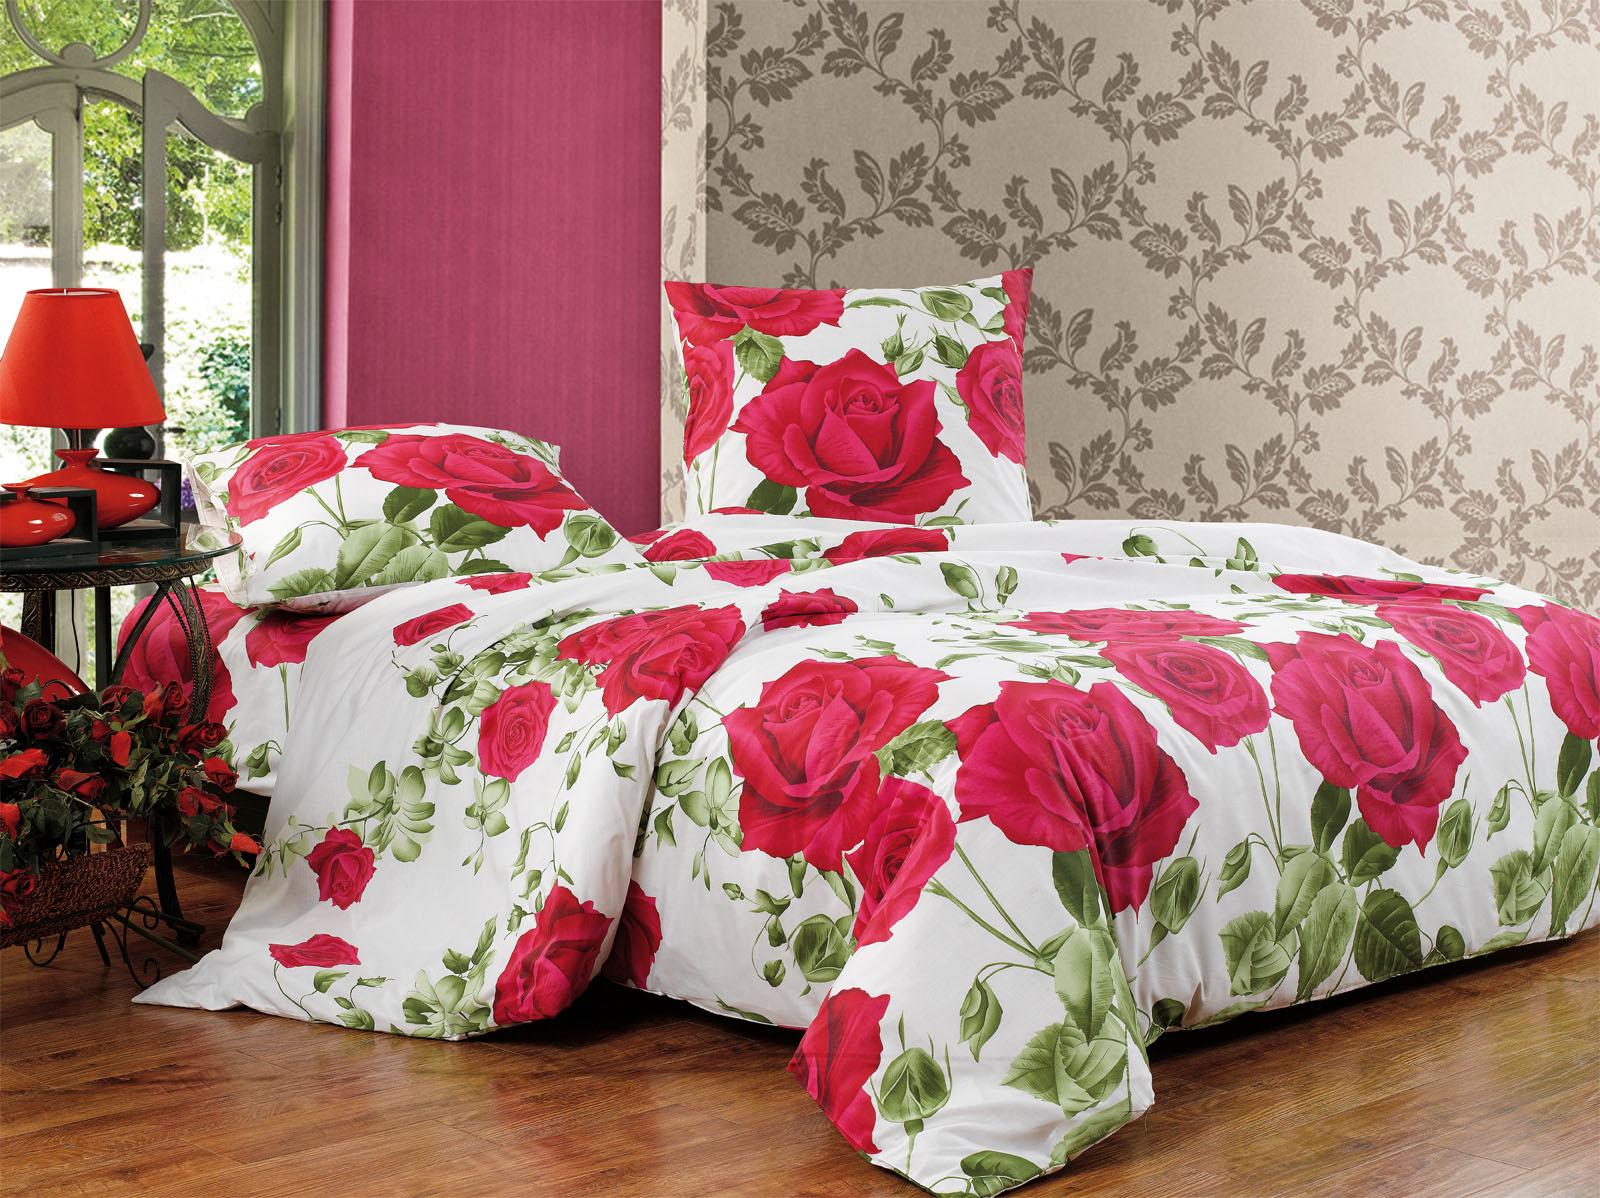 Купить Комплекты постельного белья СайлиД, Постельное белье Livino А/s-117 (2 сп. евро), Китай, Белый, Красный, Поплин